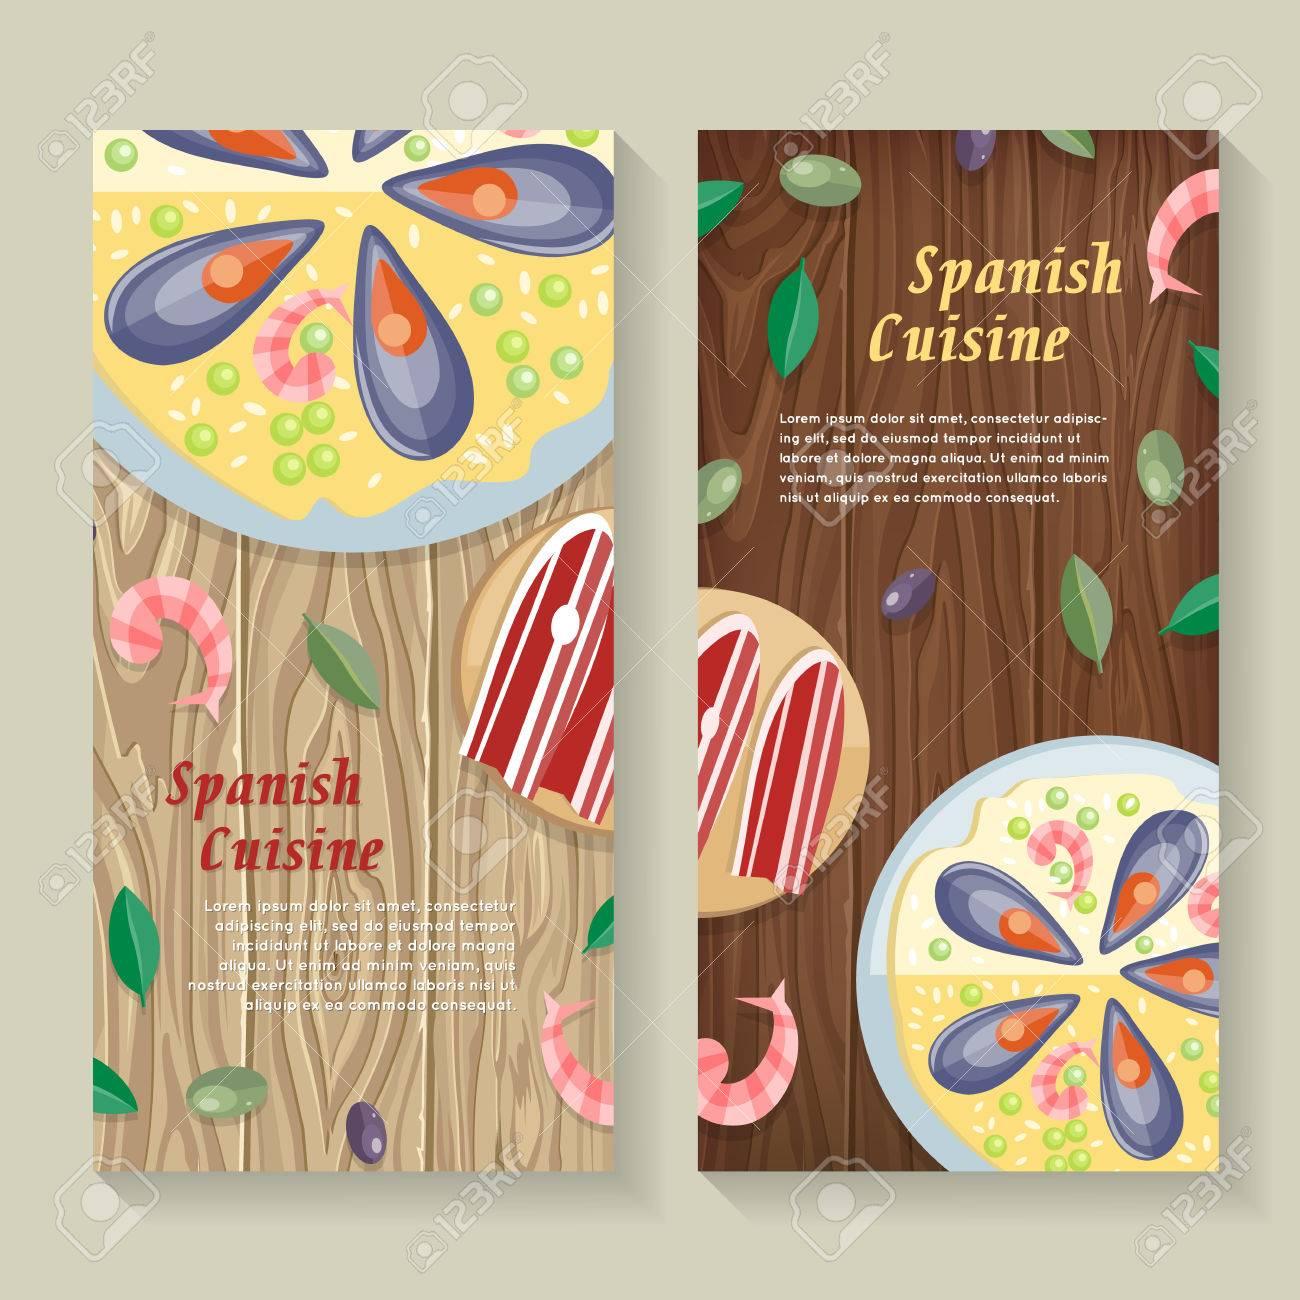 Spanische Küche Web Banner. Paella. Jamon. Tapas Lizenzfrei Nutzbare ...